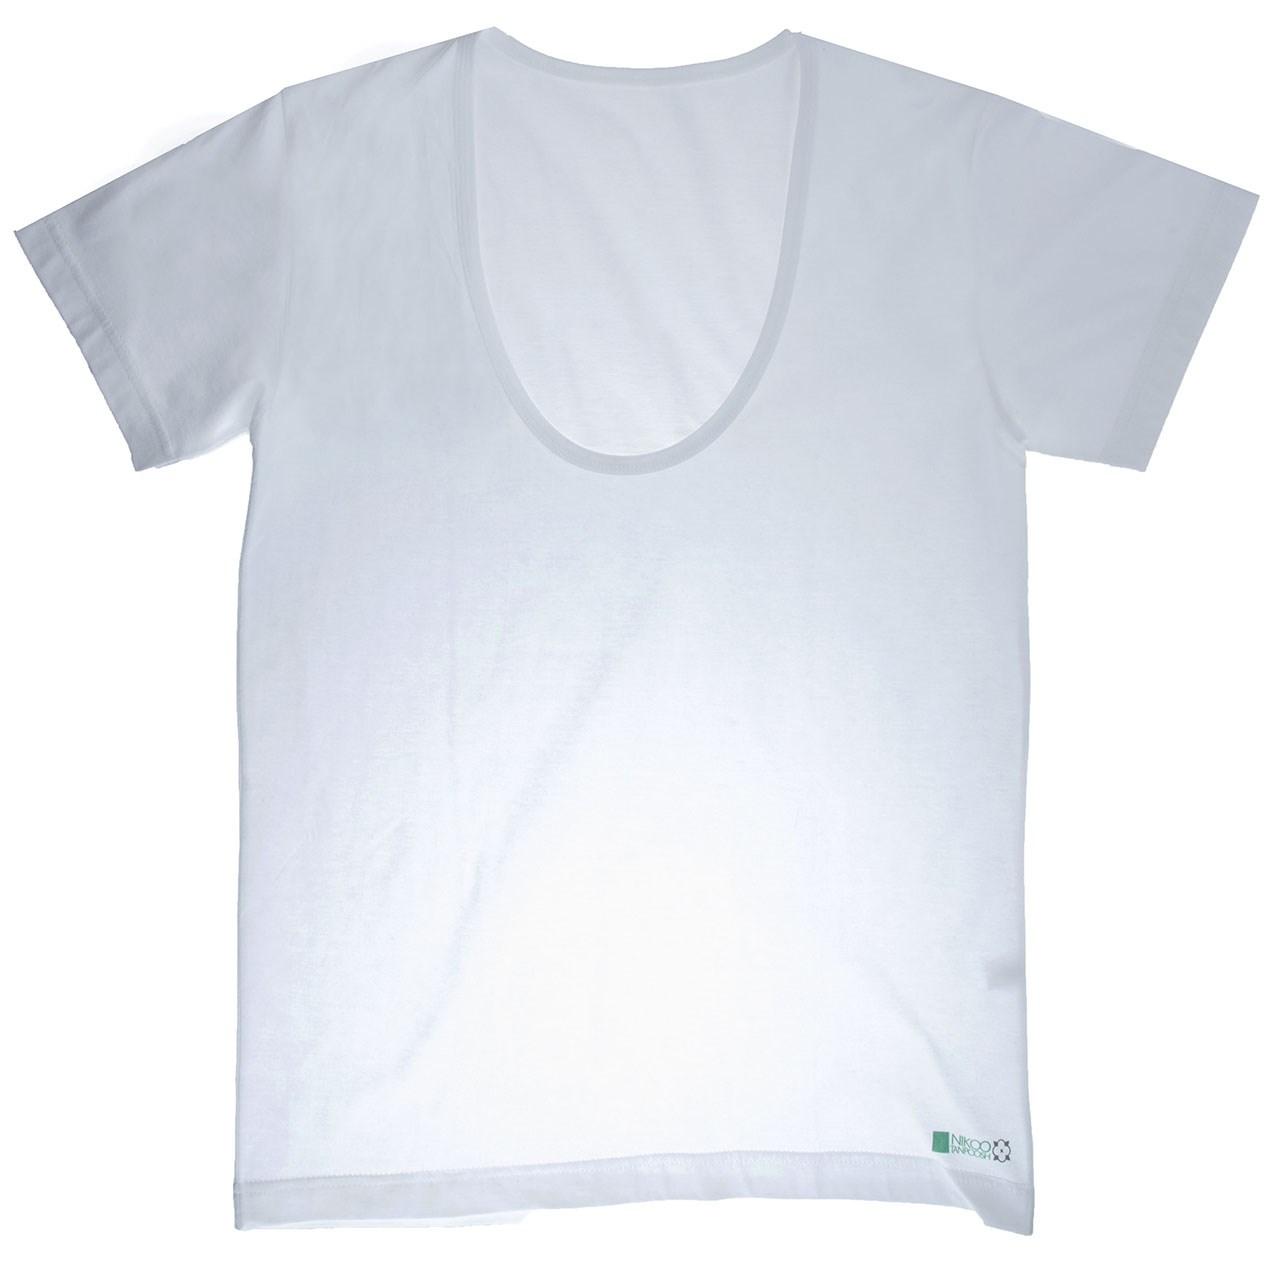 زیر پیراهن مردانه نیکوتن پوش مدل 1037